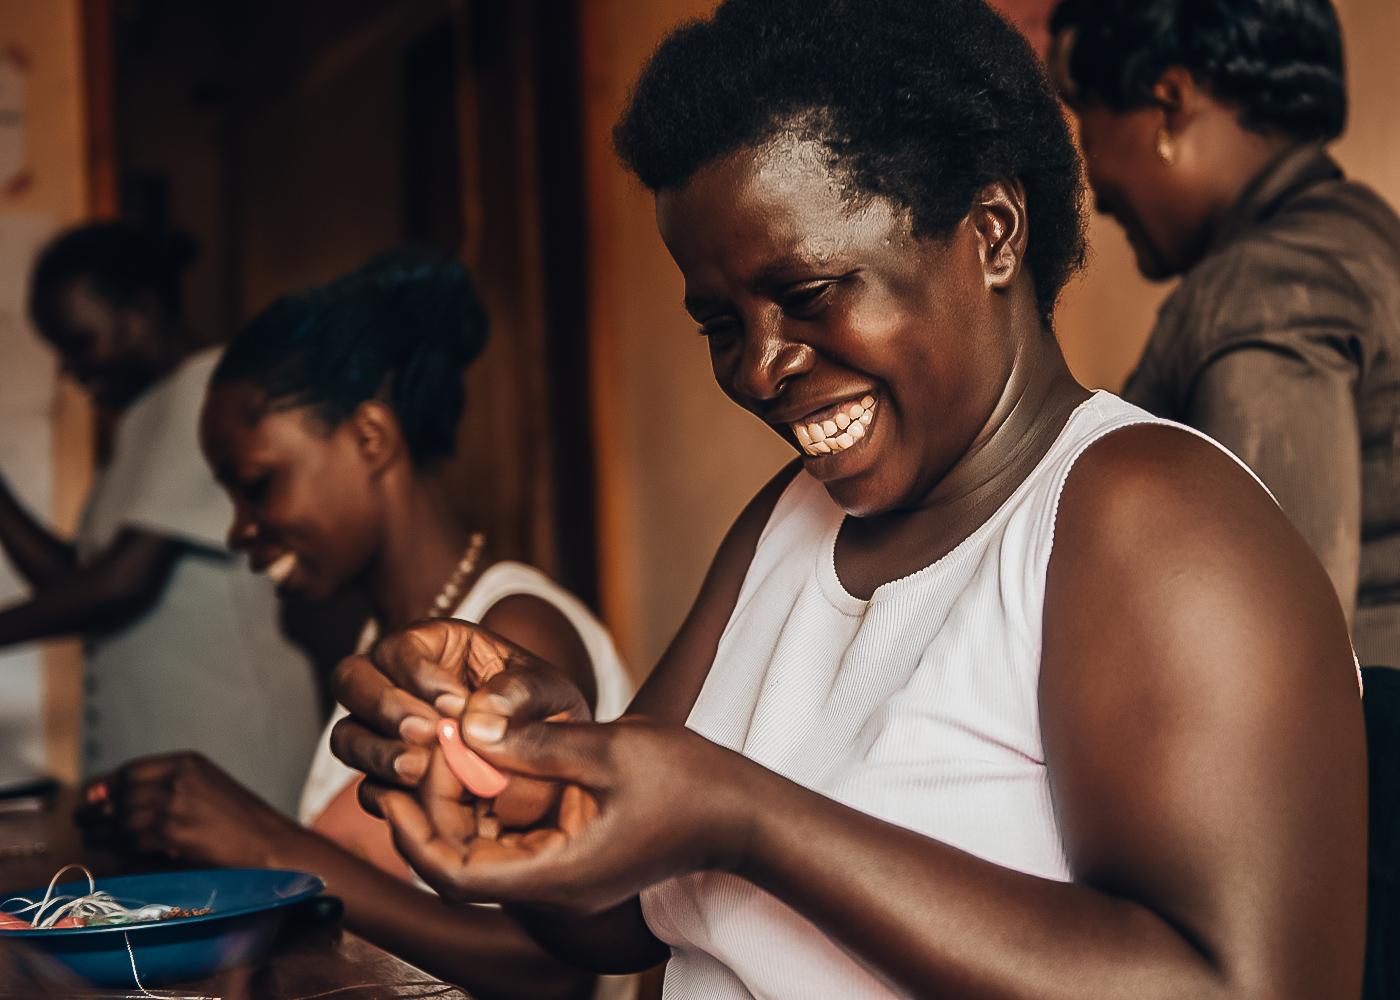 Lugazi Uganda Artisans